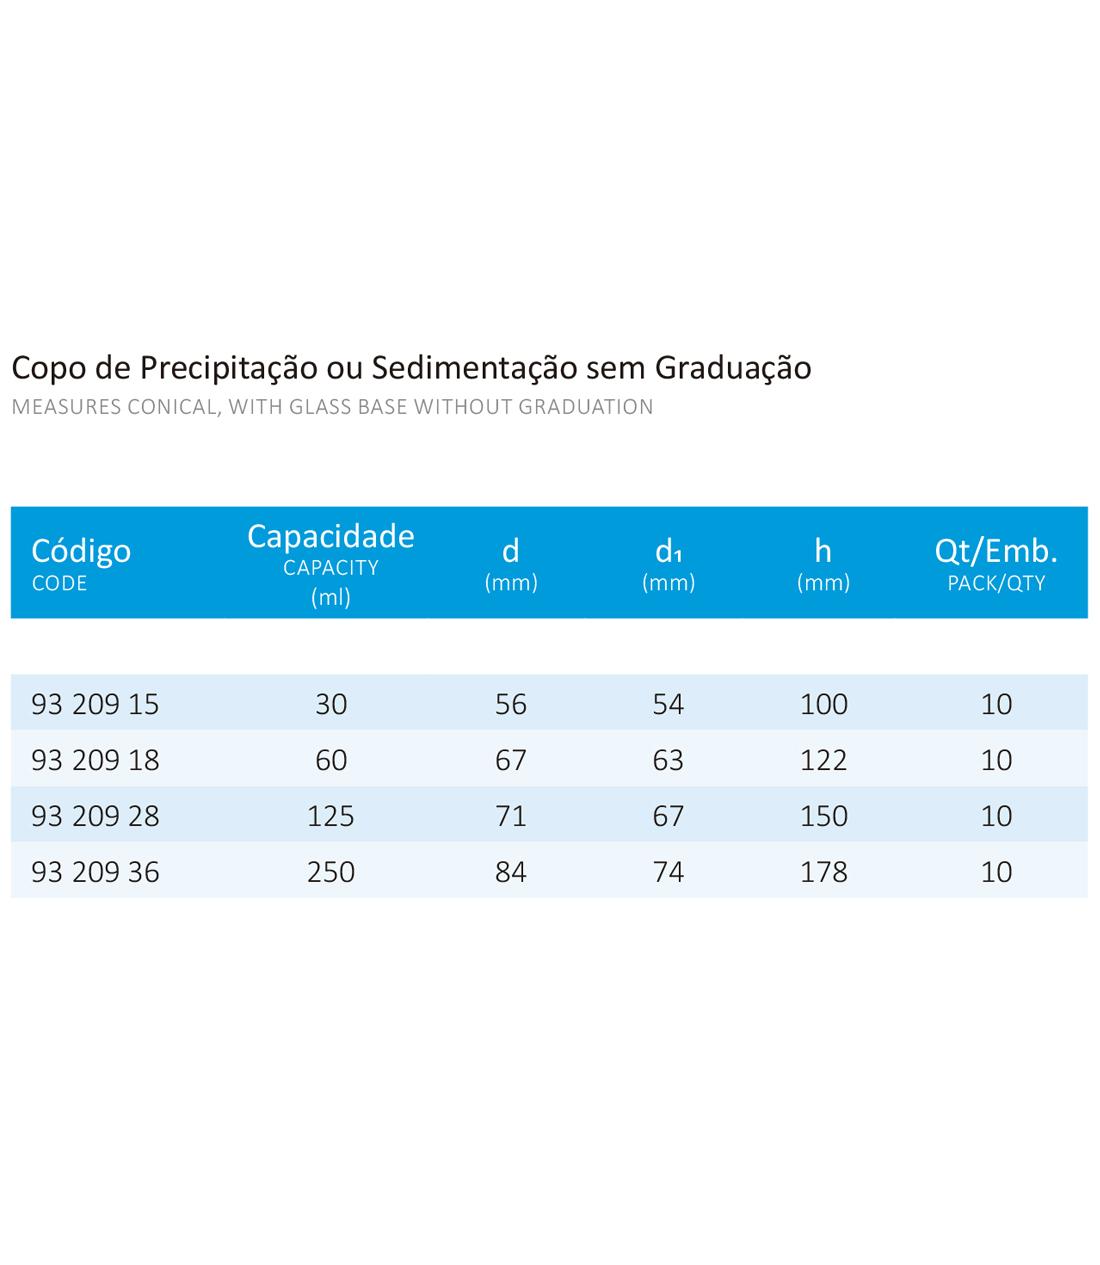 COPO DE PRECIPITACAO S/ GRADUACAO 125 ML - Laborglas - Cód. 9320928